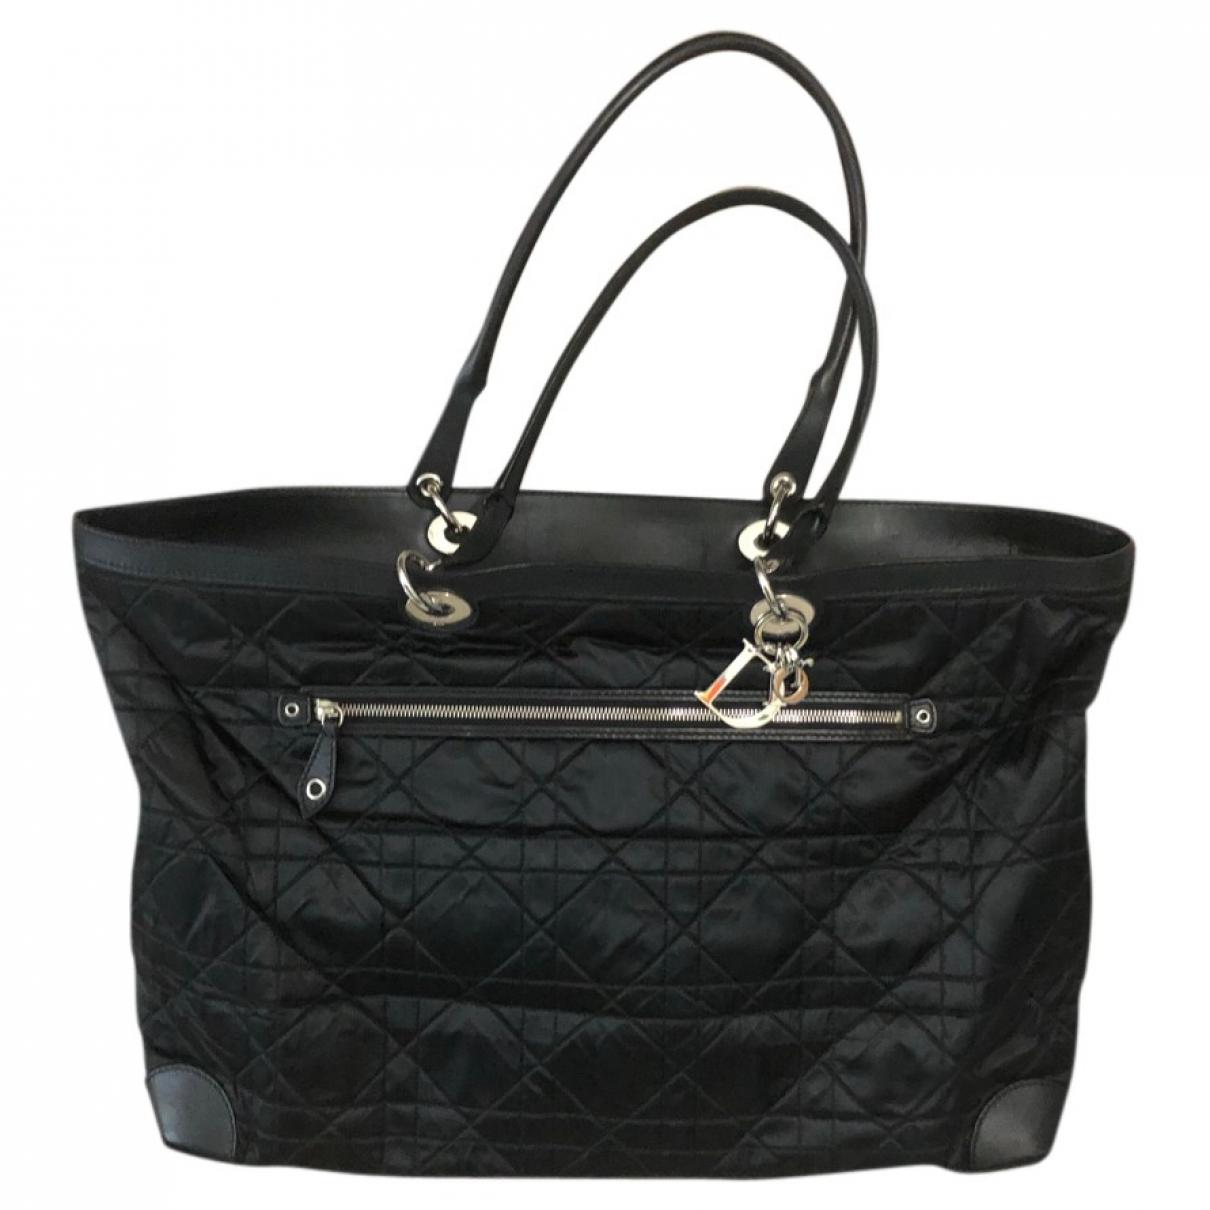 Dior - Sac de voyage Lady Dior pour femme en toile - noir